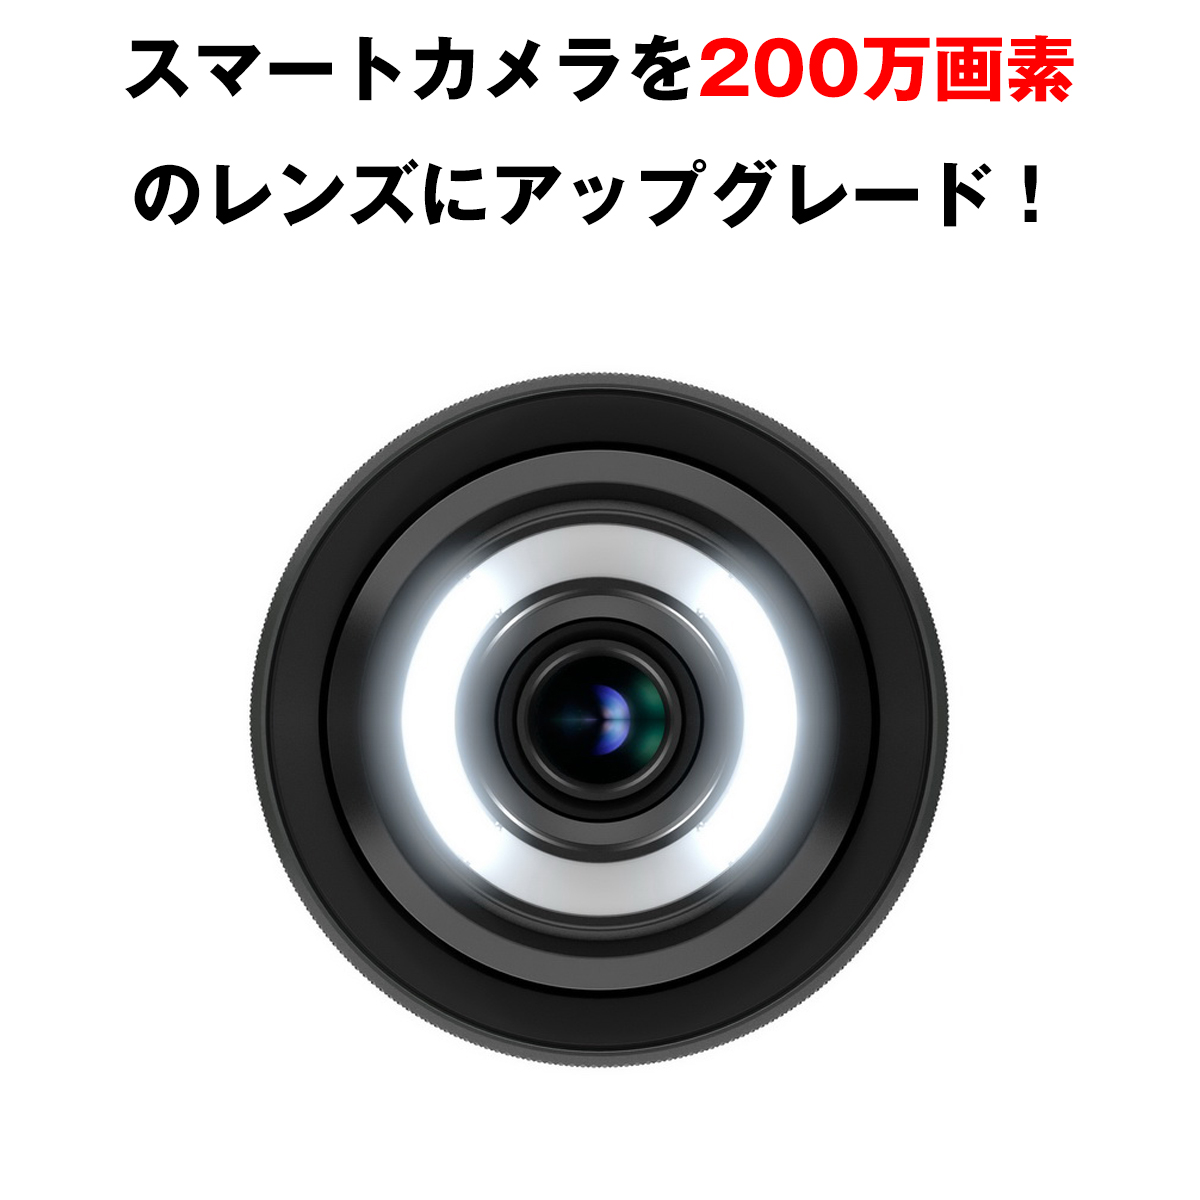 200万画素レンズにアップグレード あわせ買い対象商品 防犯カメラ・監視カメラとセットしないと注文できません K&M